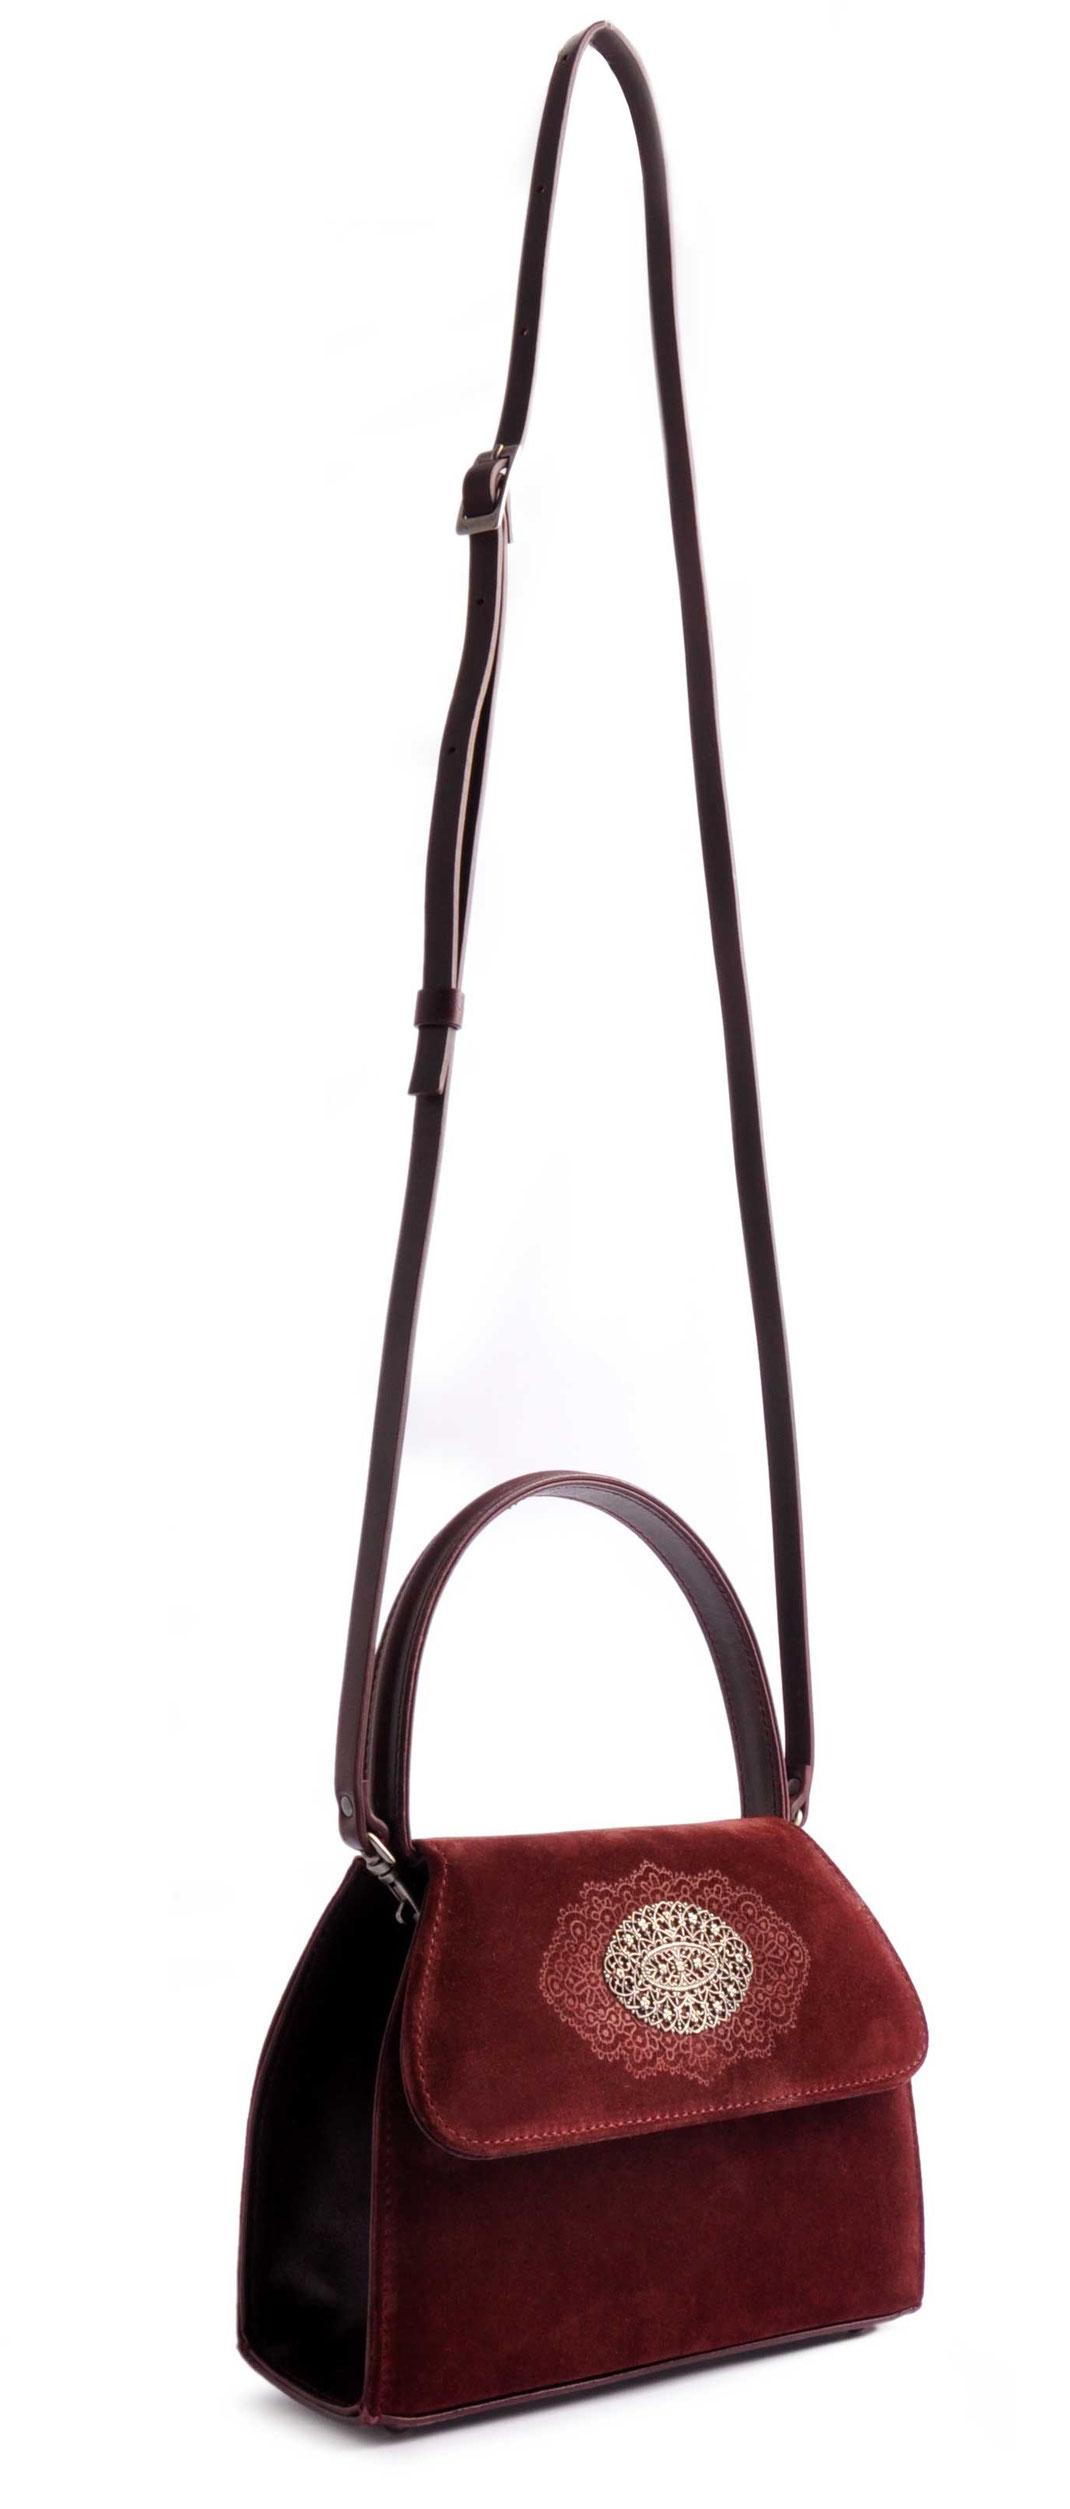 Dirndltasche Schultertasche in bordeaux . versandkostenfrei bestellen. Handgefertigte Ledertasche